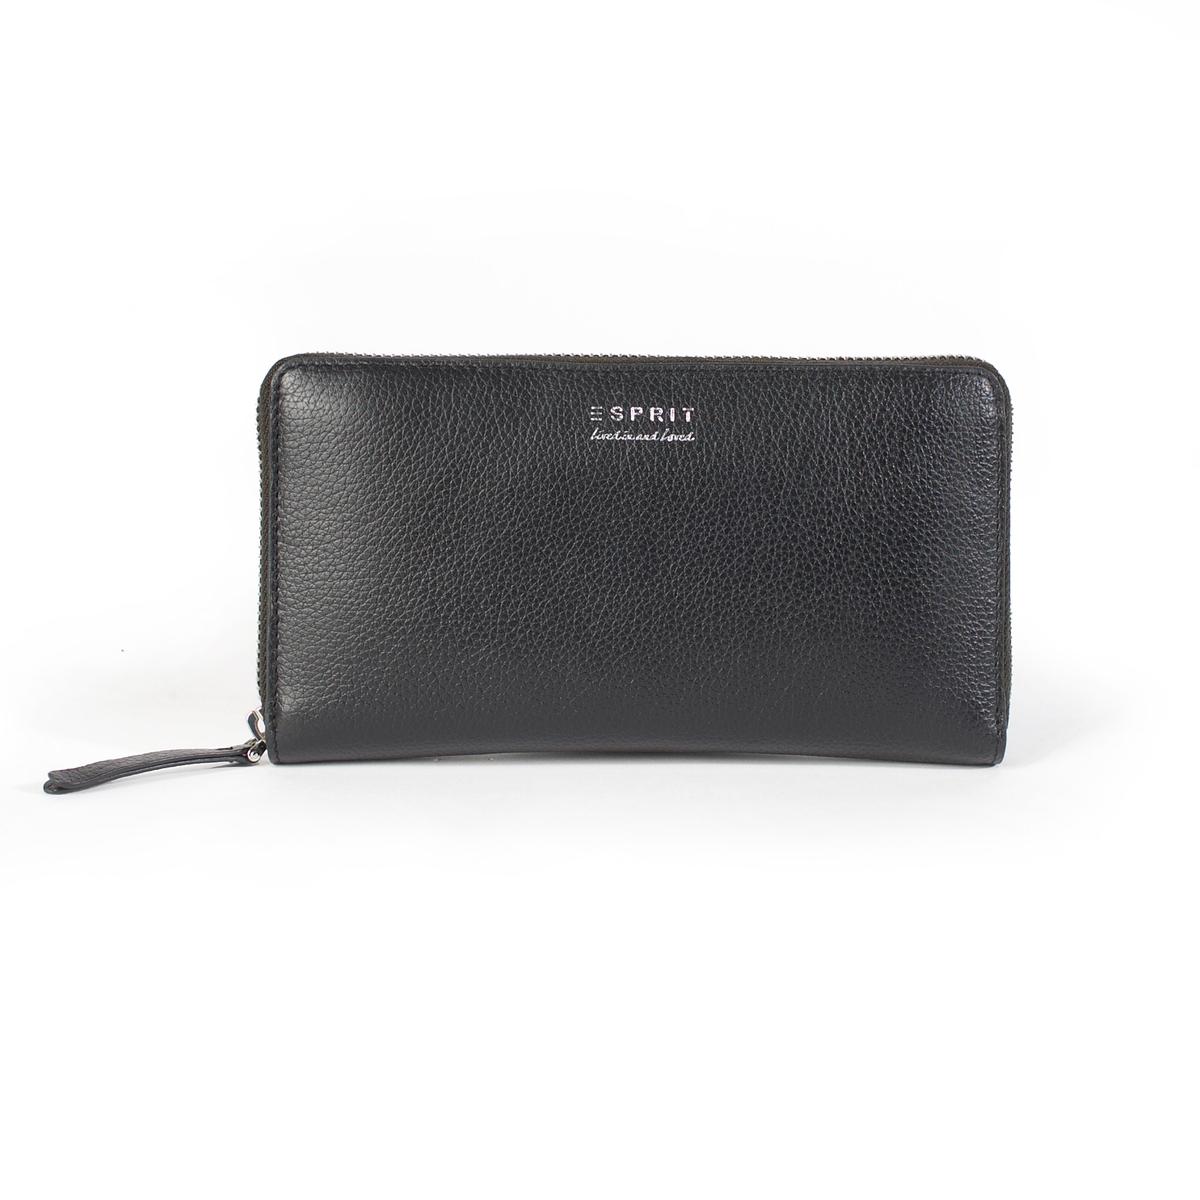 Бумажник на молнииКожаный бумажник Esprit, красивая и утонченная модель идеальна подходит под сумку Esprit ! Состав и описание :  •  Материал : верх 100% бычья кожа                       подкладка 100% бычья кожа  •  Марка : Esprit •  Модель : Milti  •  Размер :  9,5 x 19 см  •  Застежка : молния Внутренний карман на молнииВнутренний кармашек<br><br>Цвет: черный